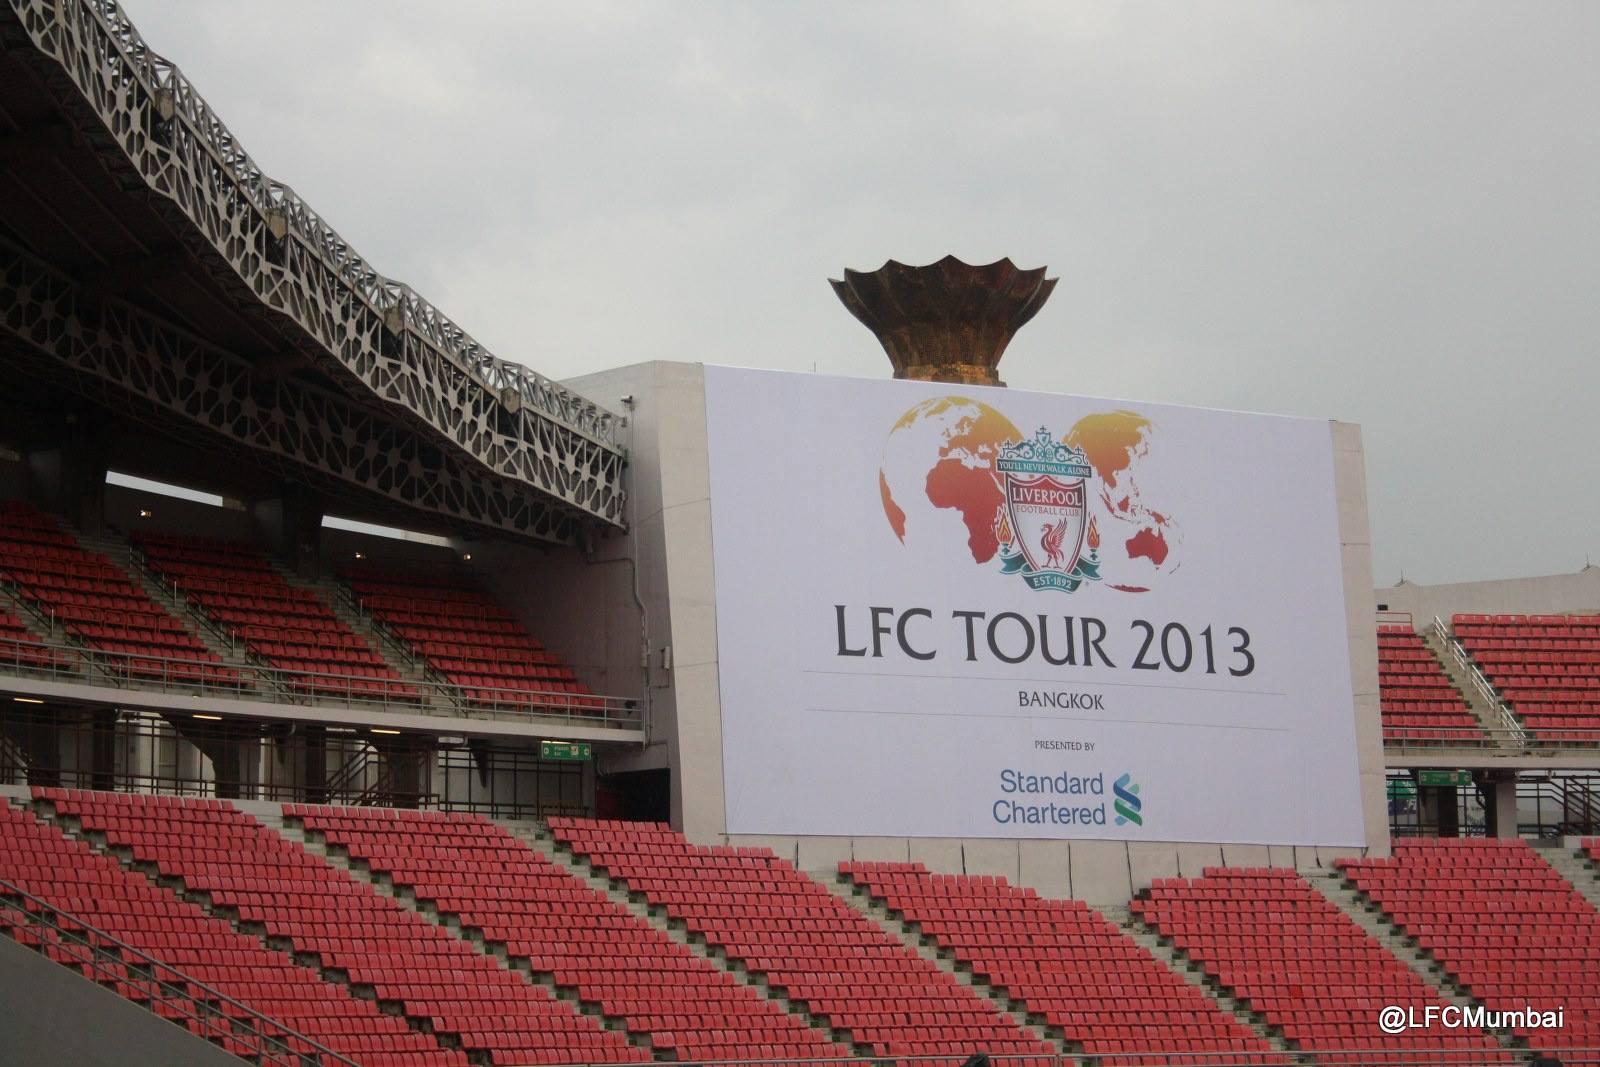 LFC Pre-season Tour 2013